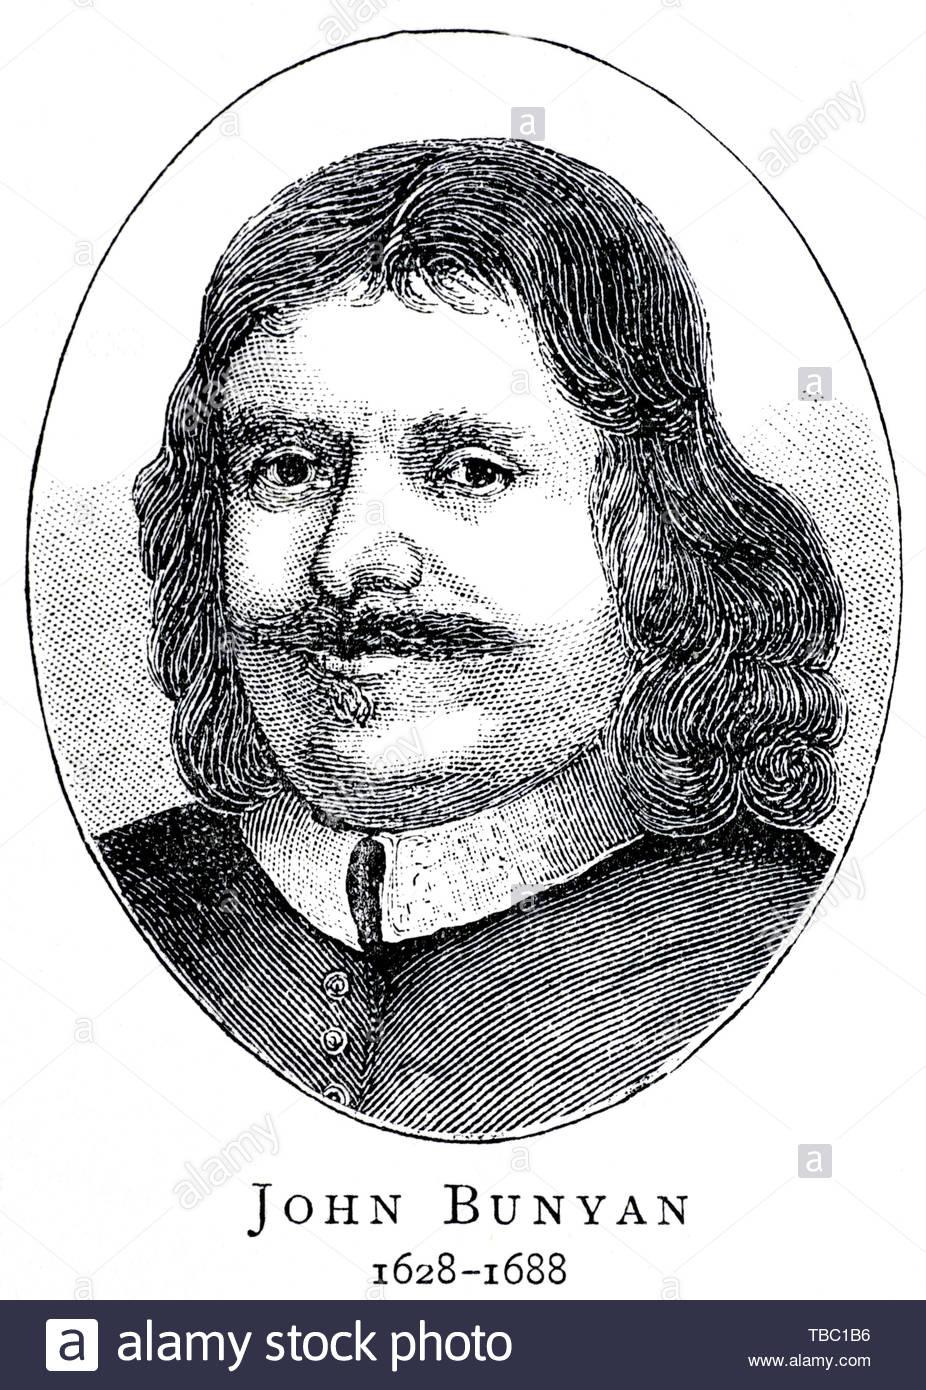 John Bunyan Porträt, 1628-1688 war ein englischer Schriftsteller und puritanische Prediger am besten als Thema der christlichen Allegorie der Pilgerreise erinnert Stockbild